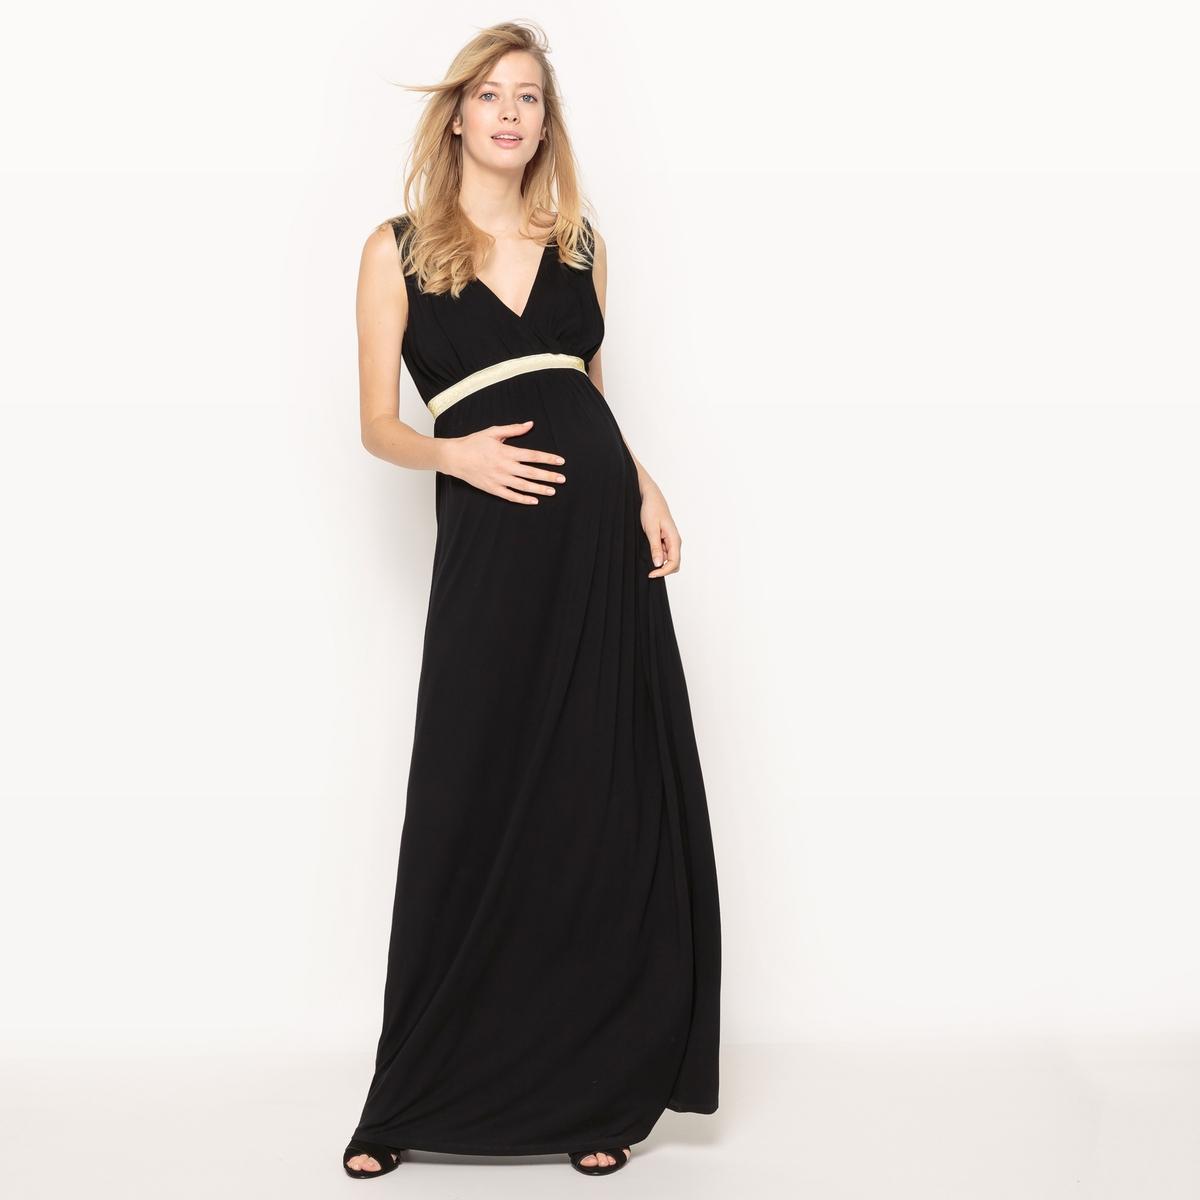 Платье для периода беременности длинное из джерсиМатериал : 95% вискозы, 5% эластана             Длина рукава : без рукавов             Форма воротника : V-образный вырез            Покрой платья : длинное платье            Рисунок : однотонная модель             Особенность платья : с драпировкой            Длина платья : длинная            Стирка : машинная стирка при 30 °С в деликатном режиме            Уход : сухая чистка и отбеливание запрещены            Машинная сушка : запрещена            Глажка : при низкой температуре<br><br>Цвет: черный<br>Размер: 42 (FR) - 48 (RUS).40 (FR) - 46 (RUS)